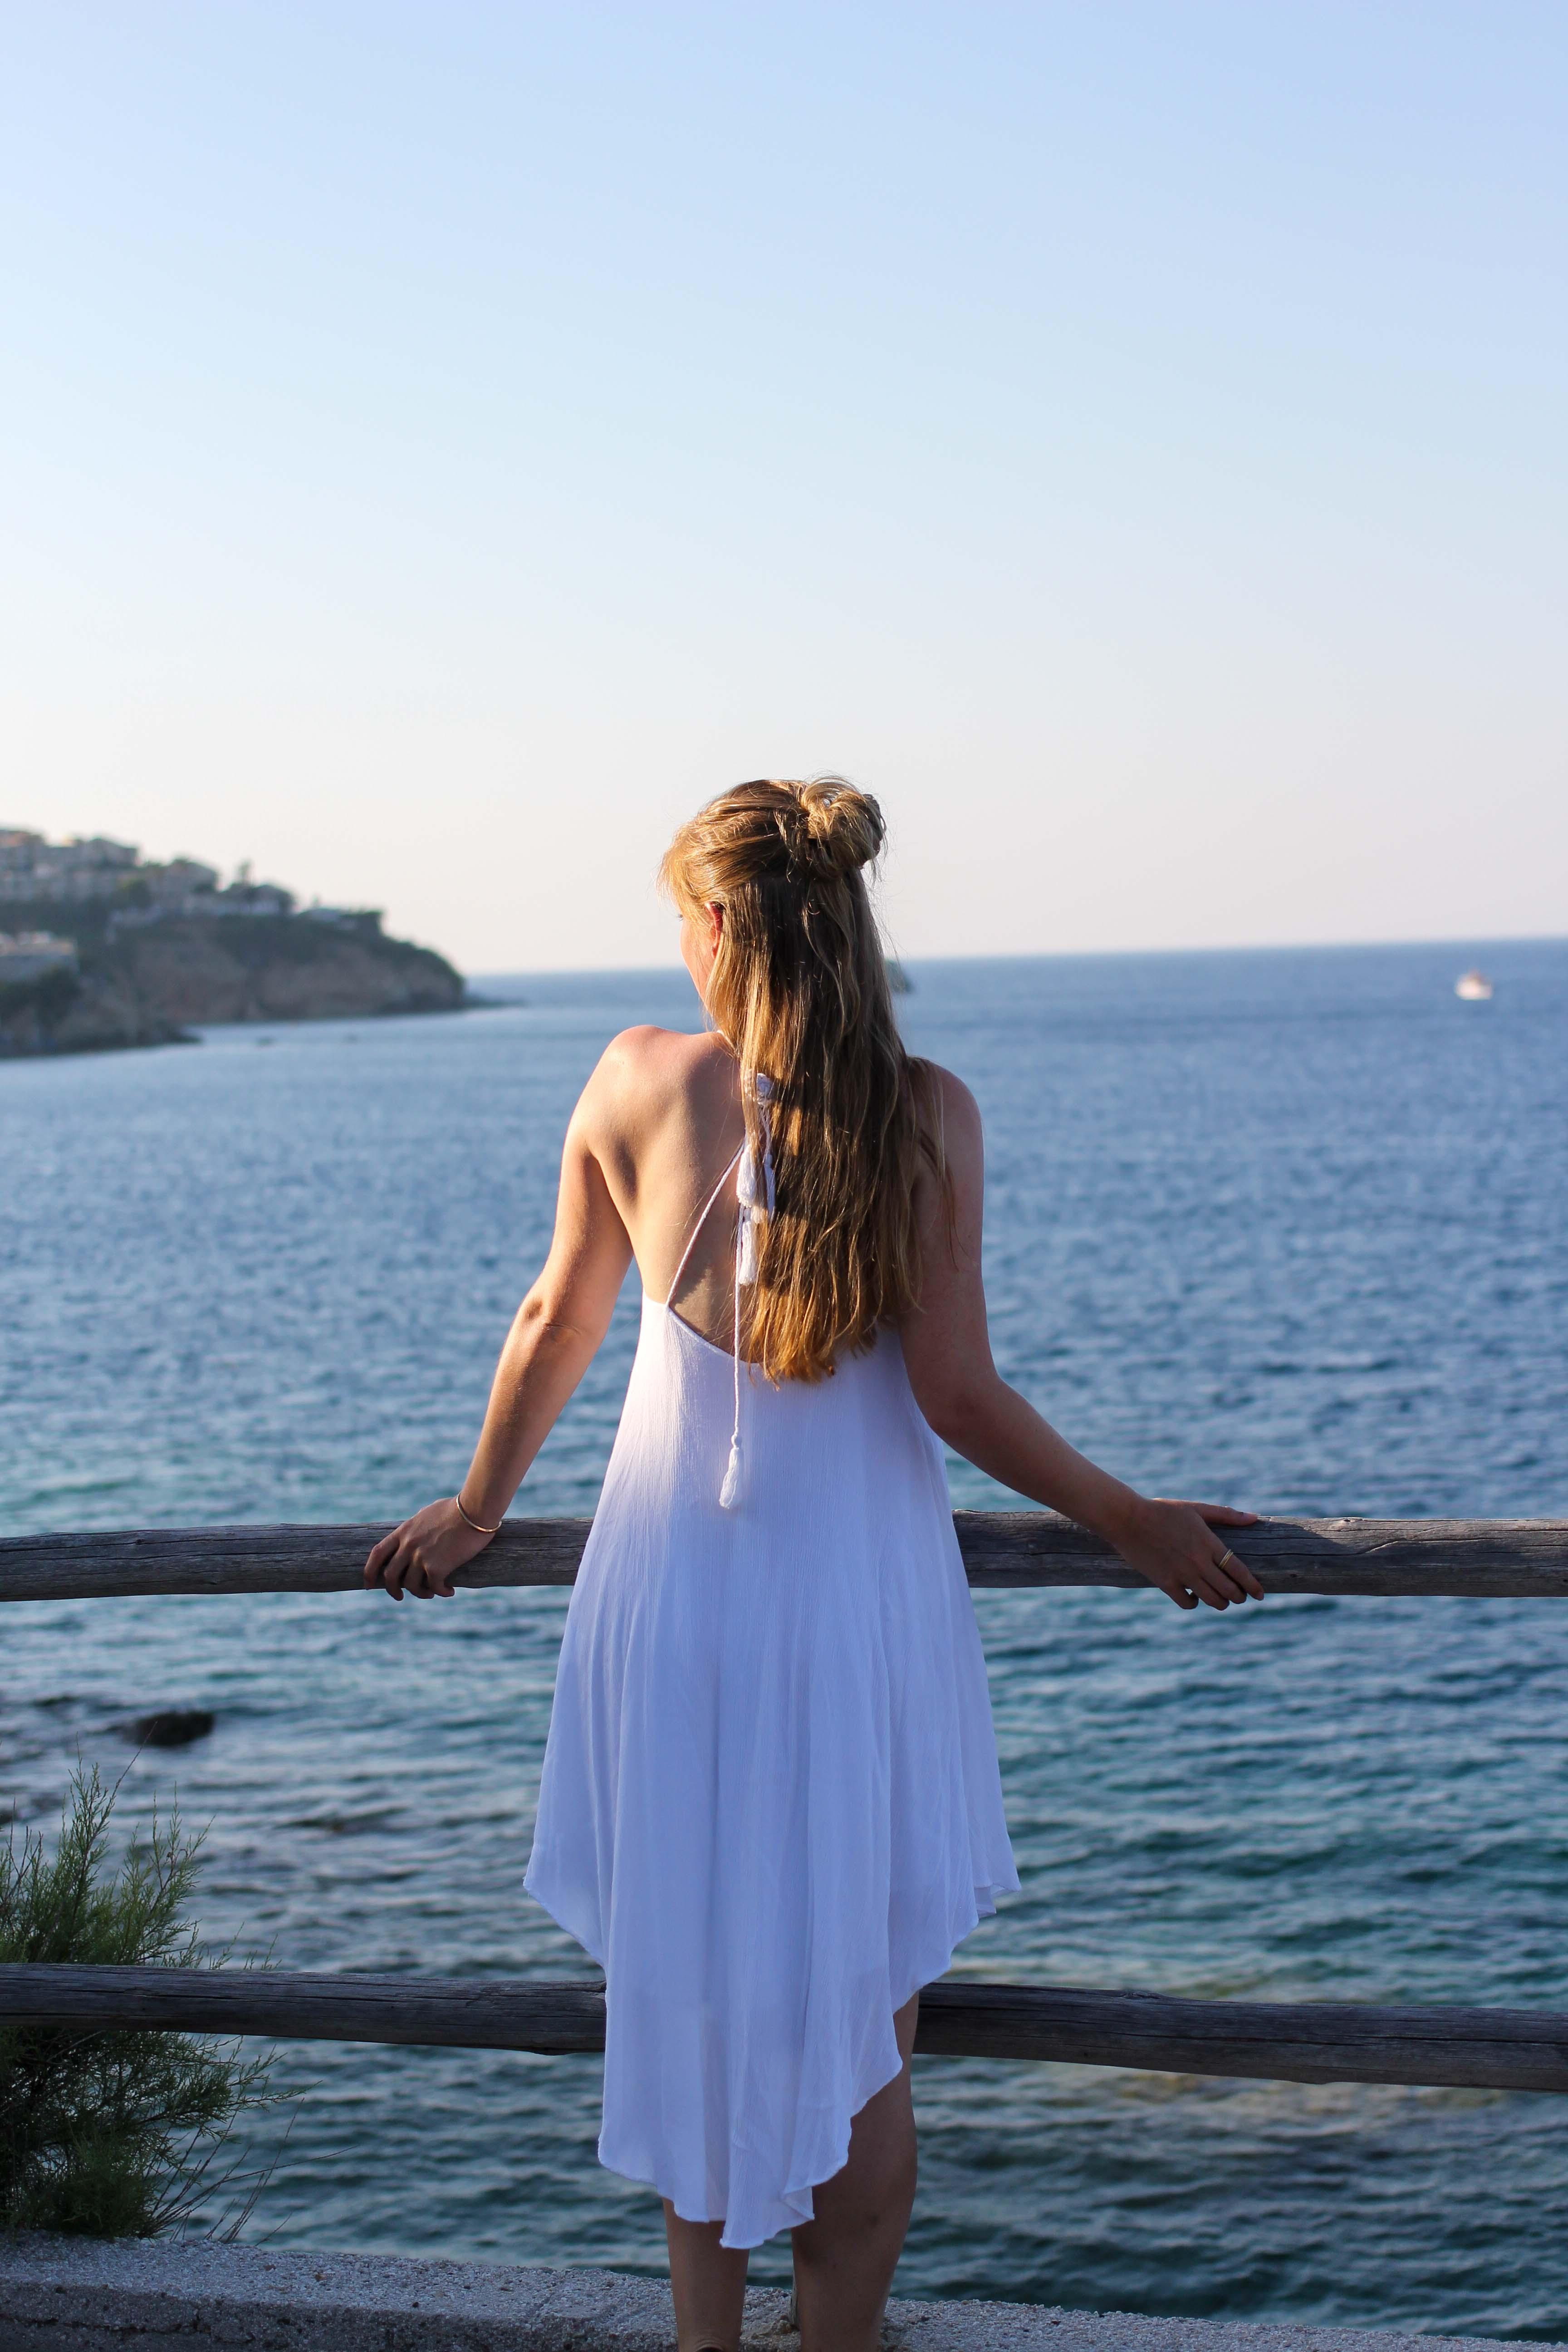 Modeblog Deuschland Fashion Blog Griechenland Kreta Sommeroutfit Blogger life weißes Kleid 6